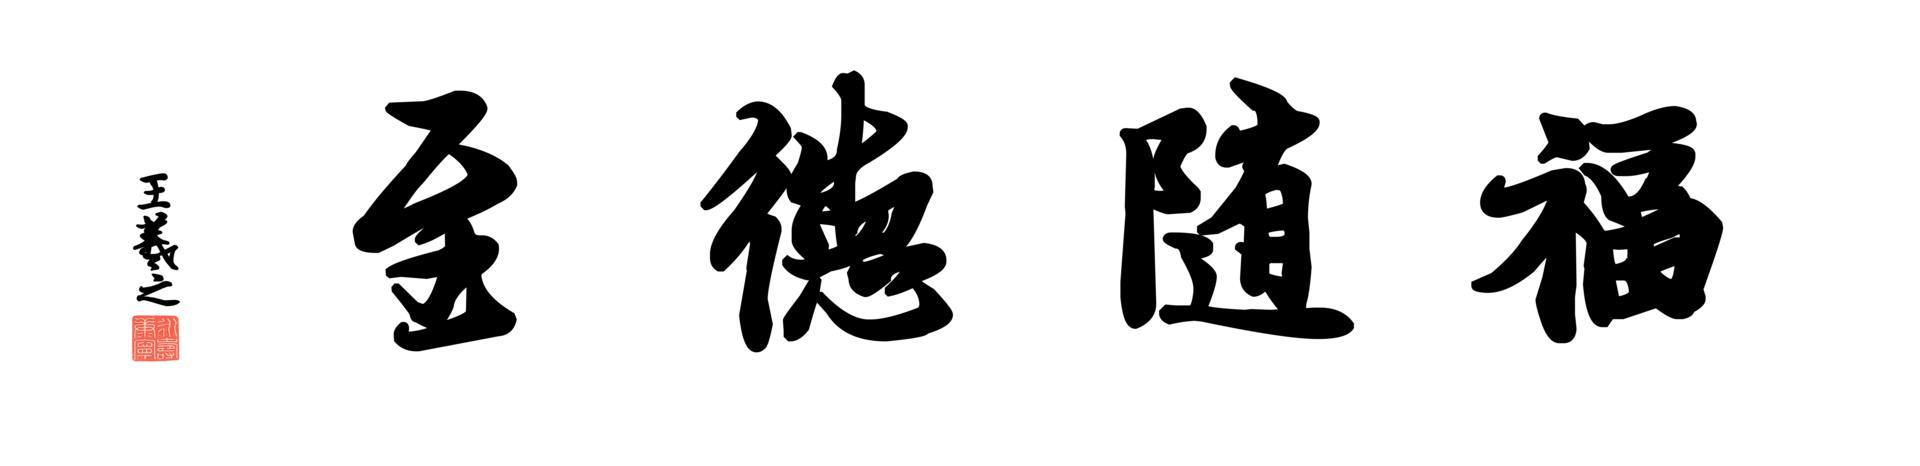 0051_王羲之兰亭体数字书法-四字横幅福随德至136x33cm_21417x5197PX_TIF_400DPI_326_0